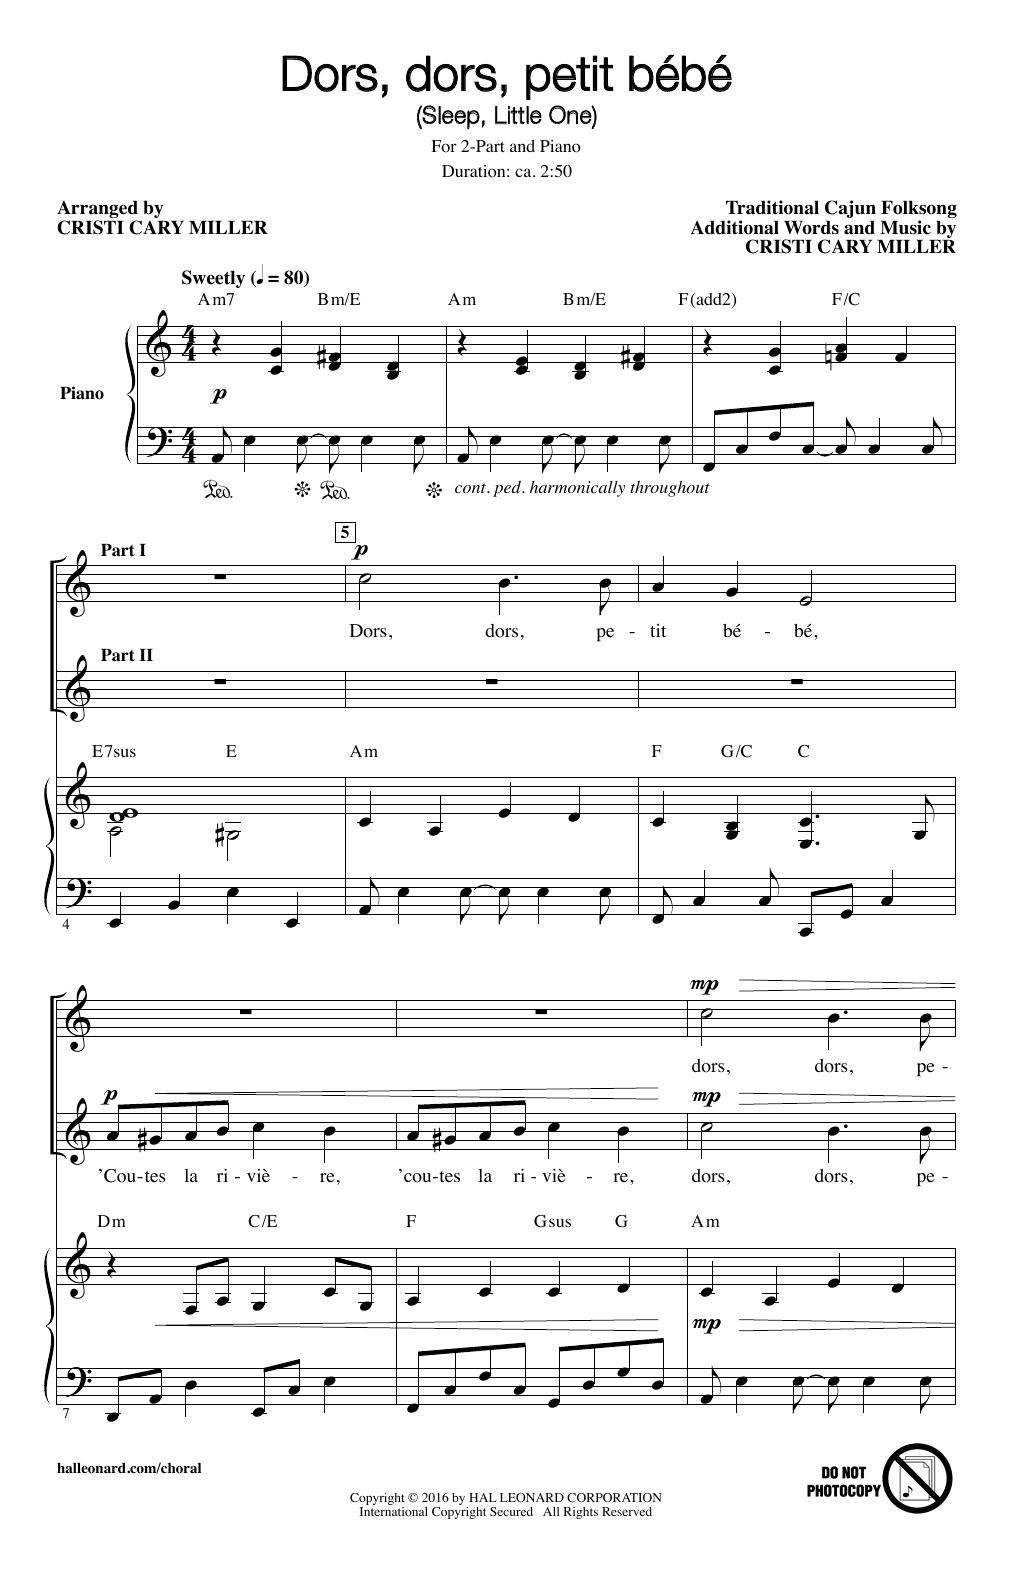 Partition chorale Dors, Dors, Petit Bebe (Sleep, Little One) de Cristi Cary Miller - 2 voix